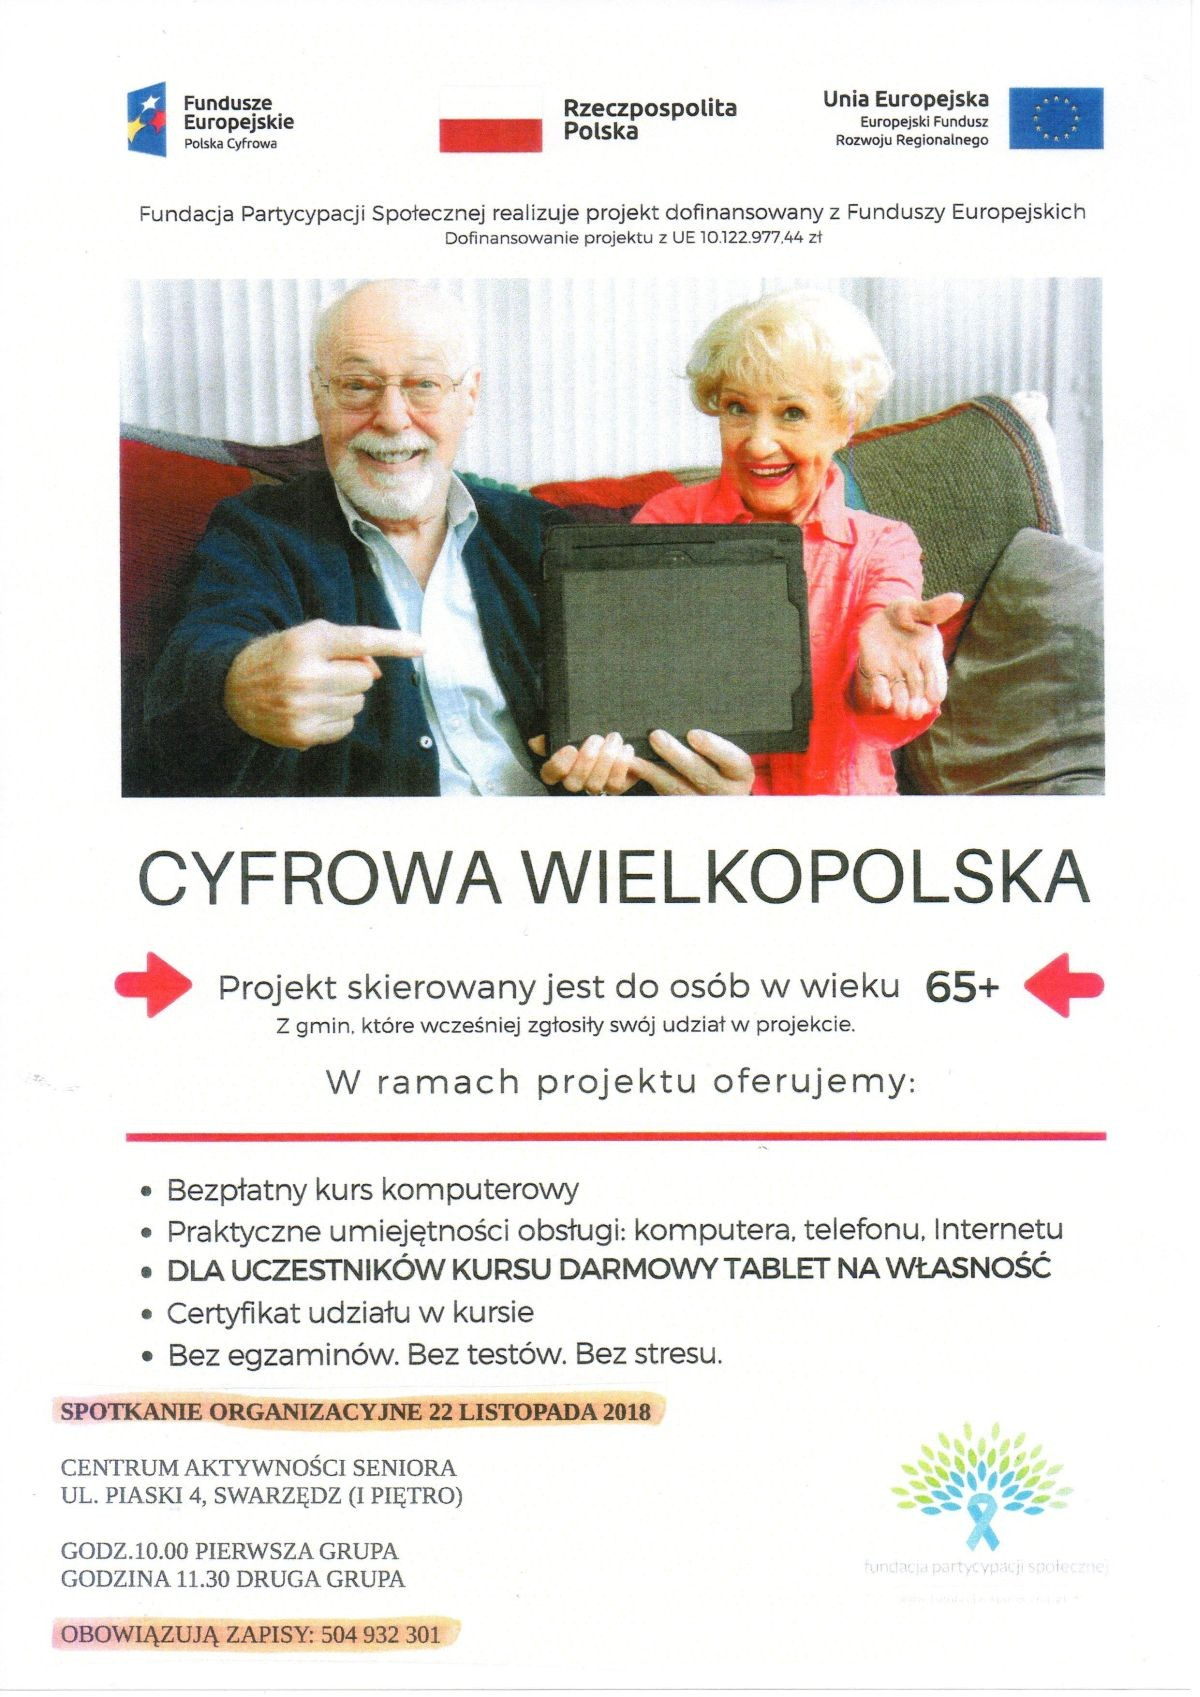 Cyfrowa Wielkopolska